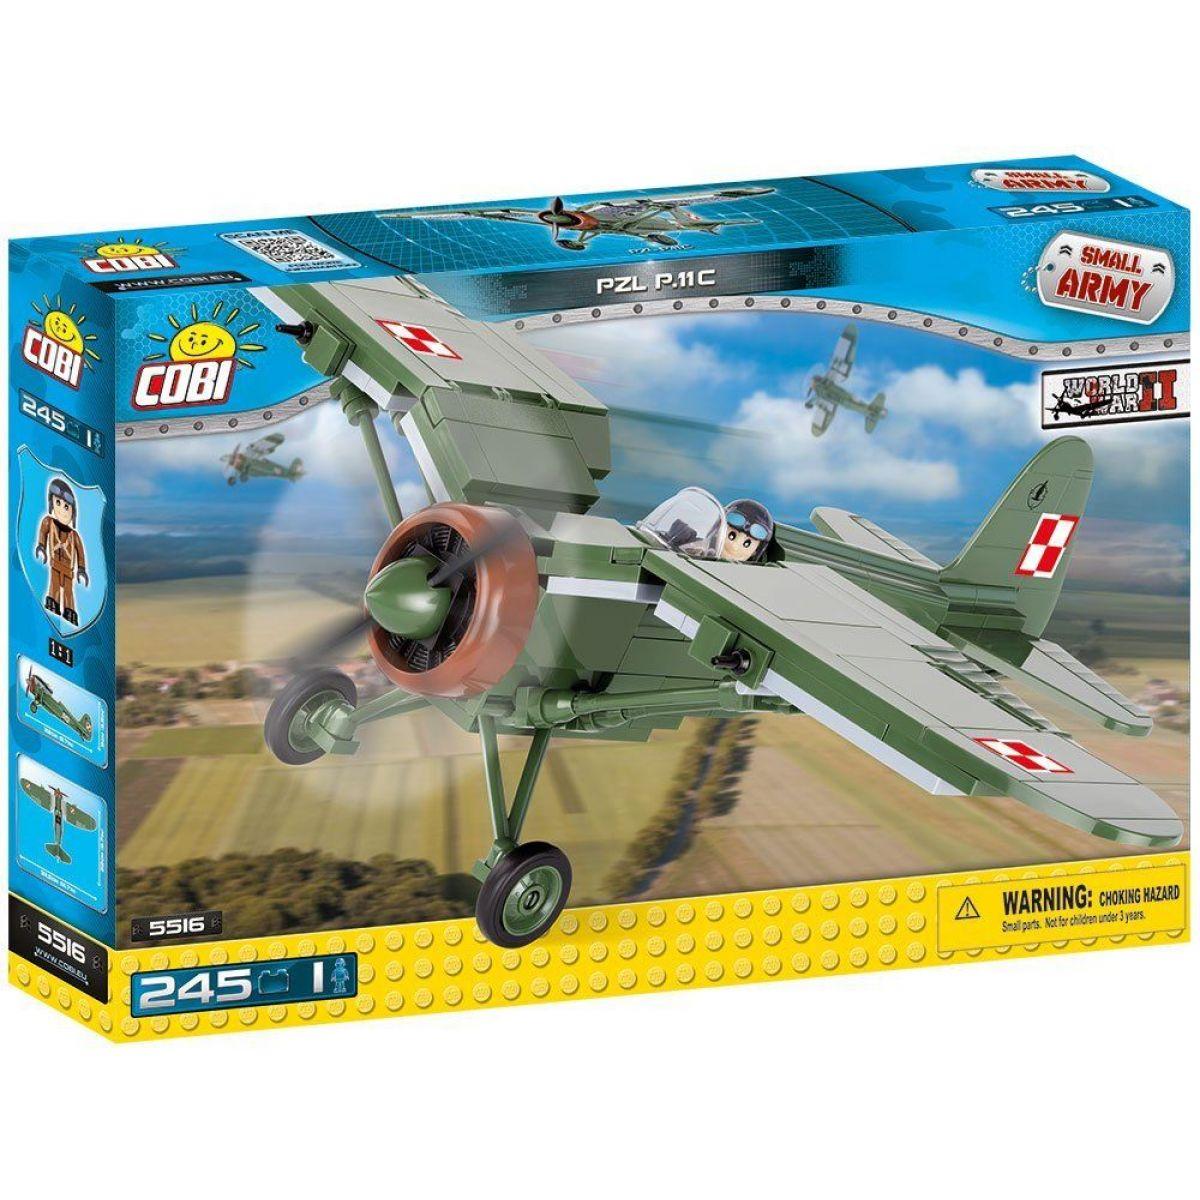 COBI 5516 Small Army II WW PZL P-11 c